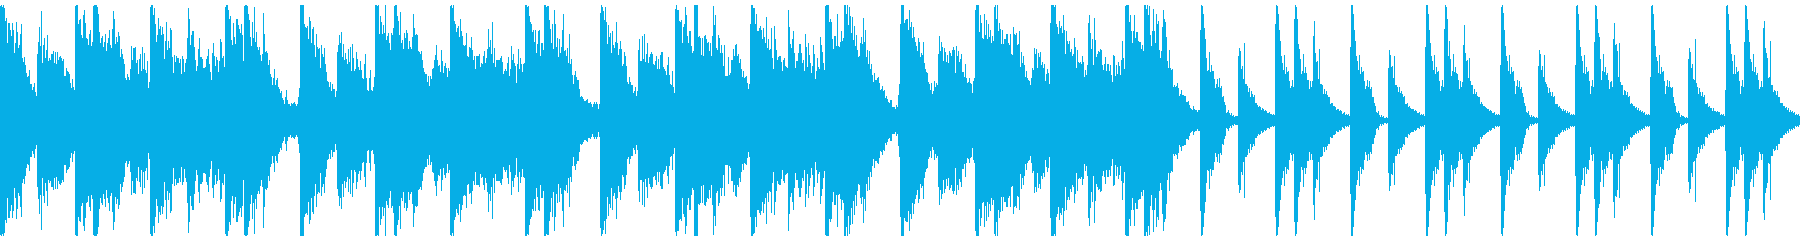 勇壮クラップ&ストンプ&コーラス/ループの再生済みの波形